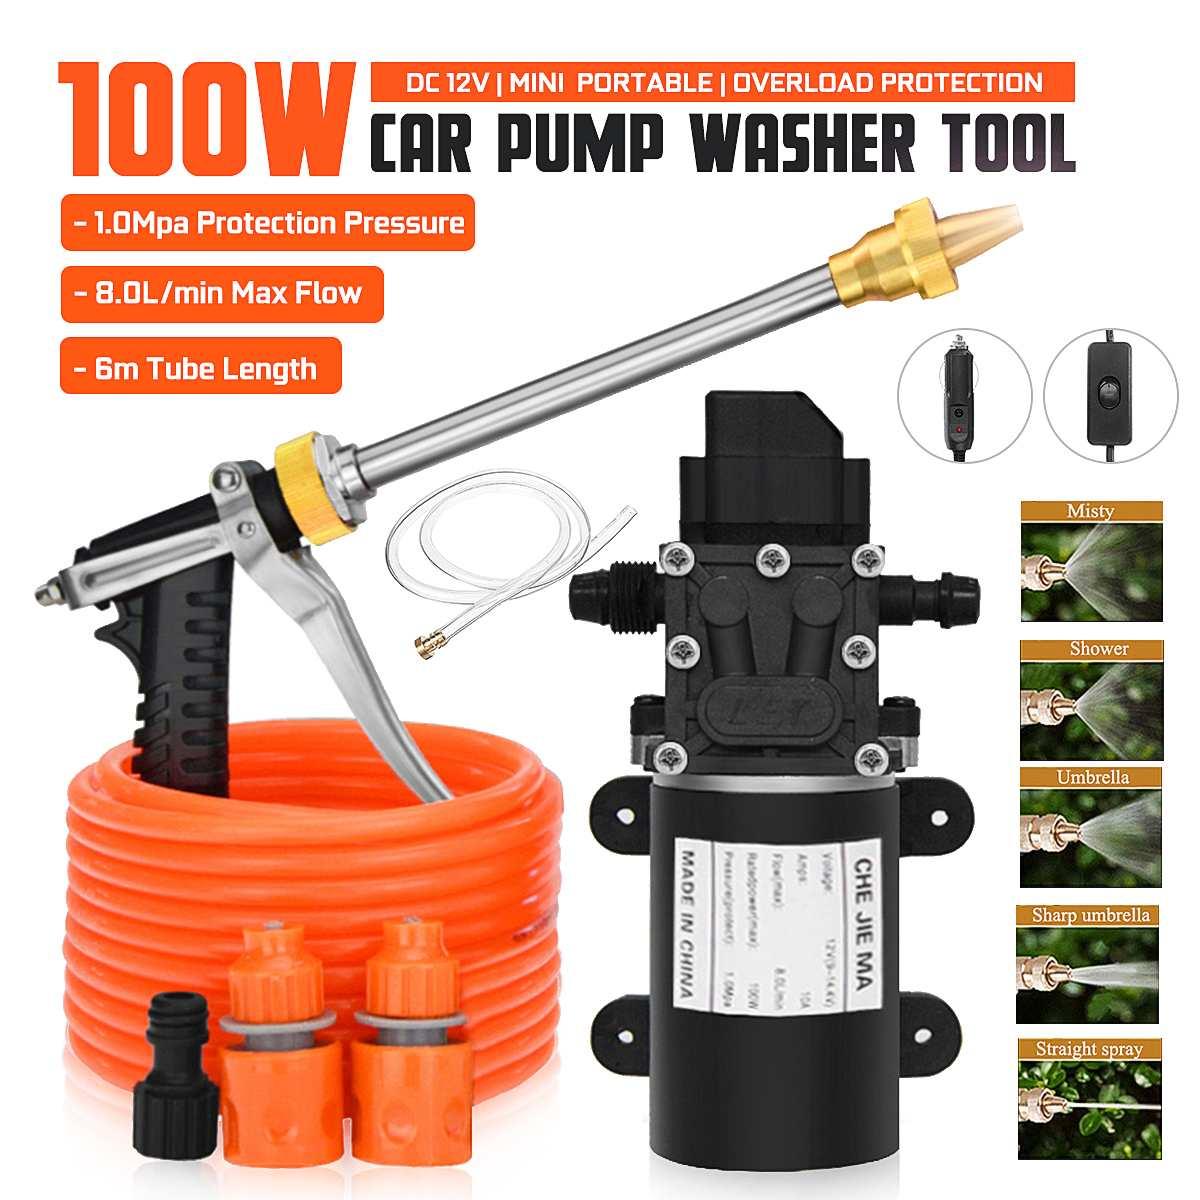 100W Household Car Wash Pump Portable High Pressure Electric Car Wash Washer 200PSI 12V Car Washer Washing Machine